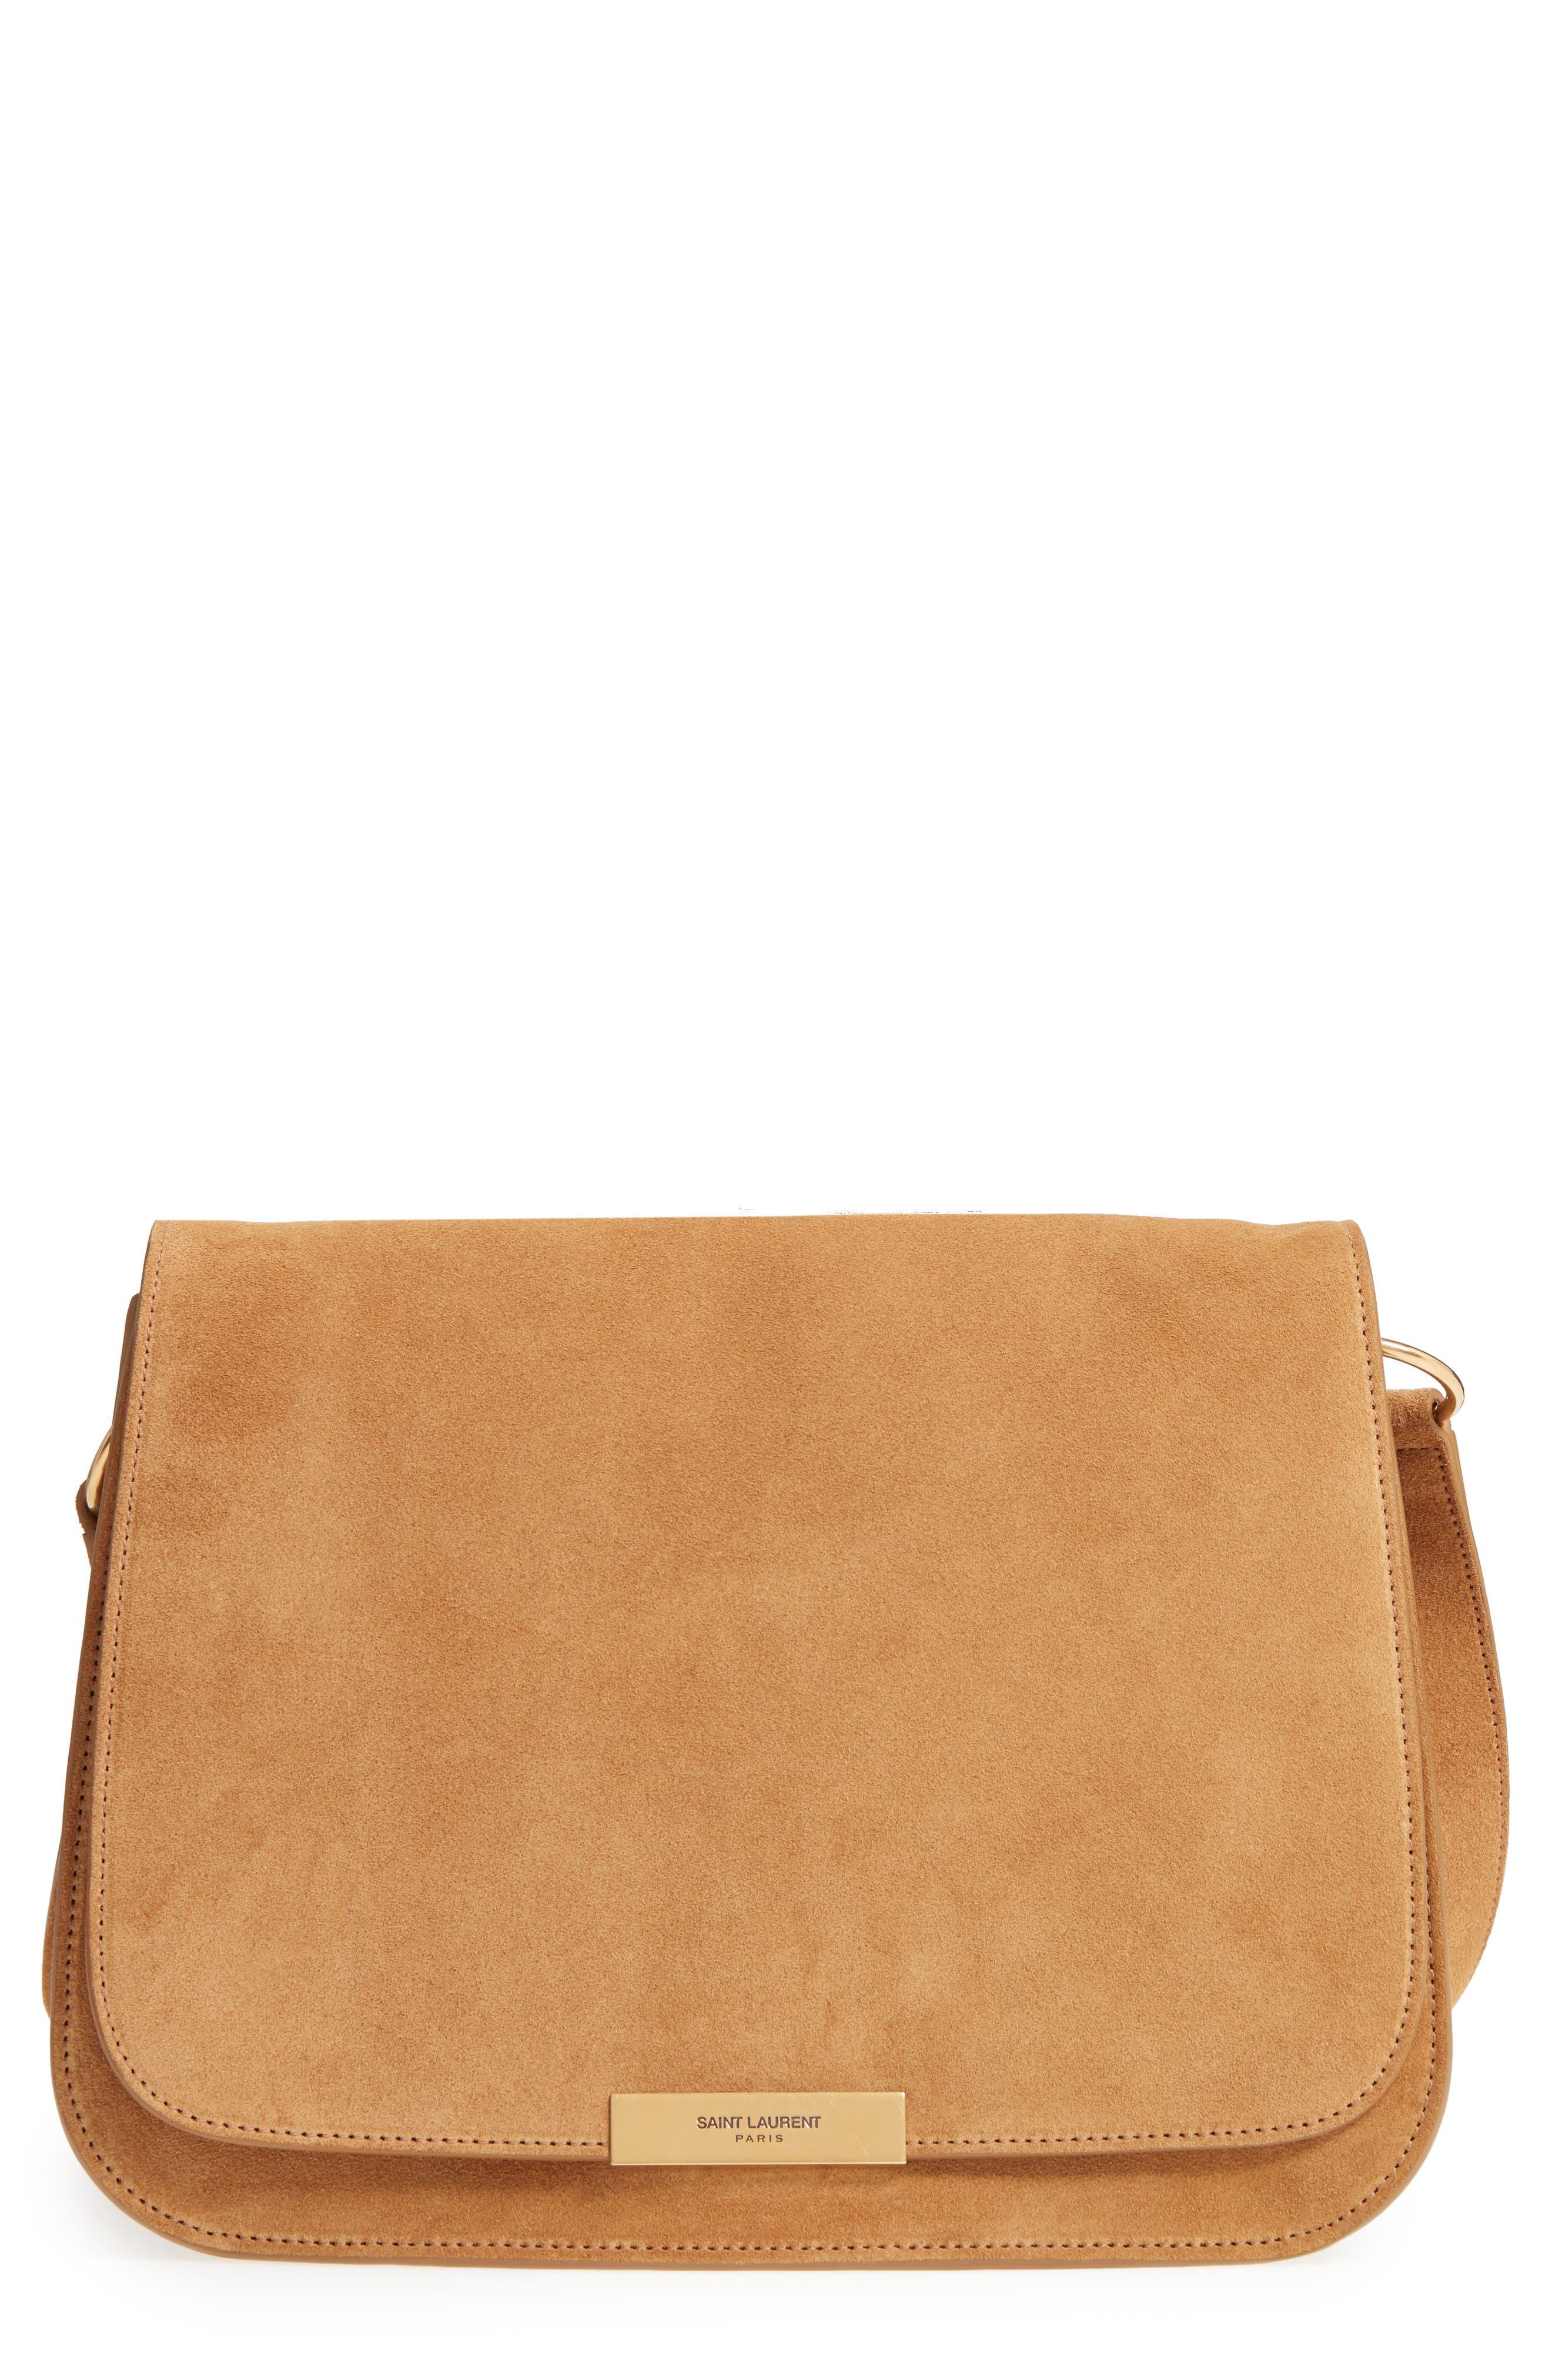 Saint Laurent Amalia Suede Flap Shoulder Bag